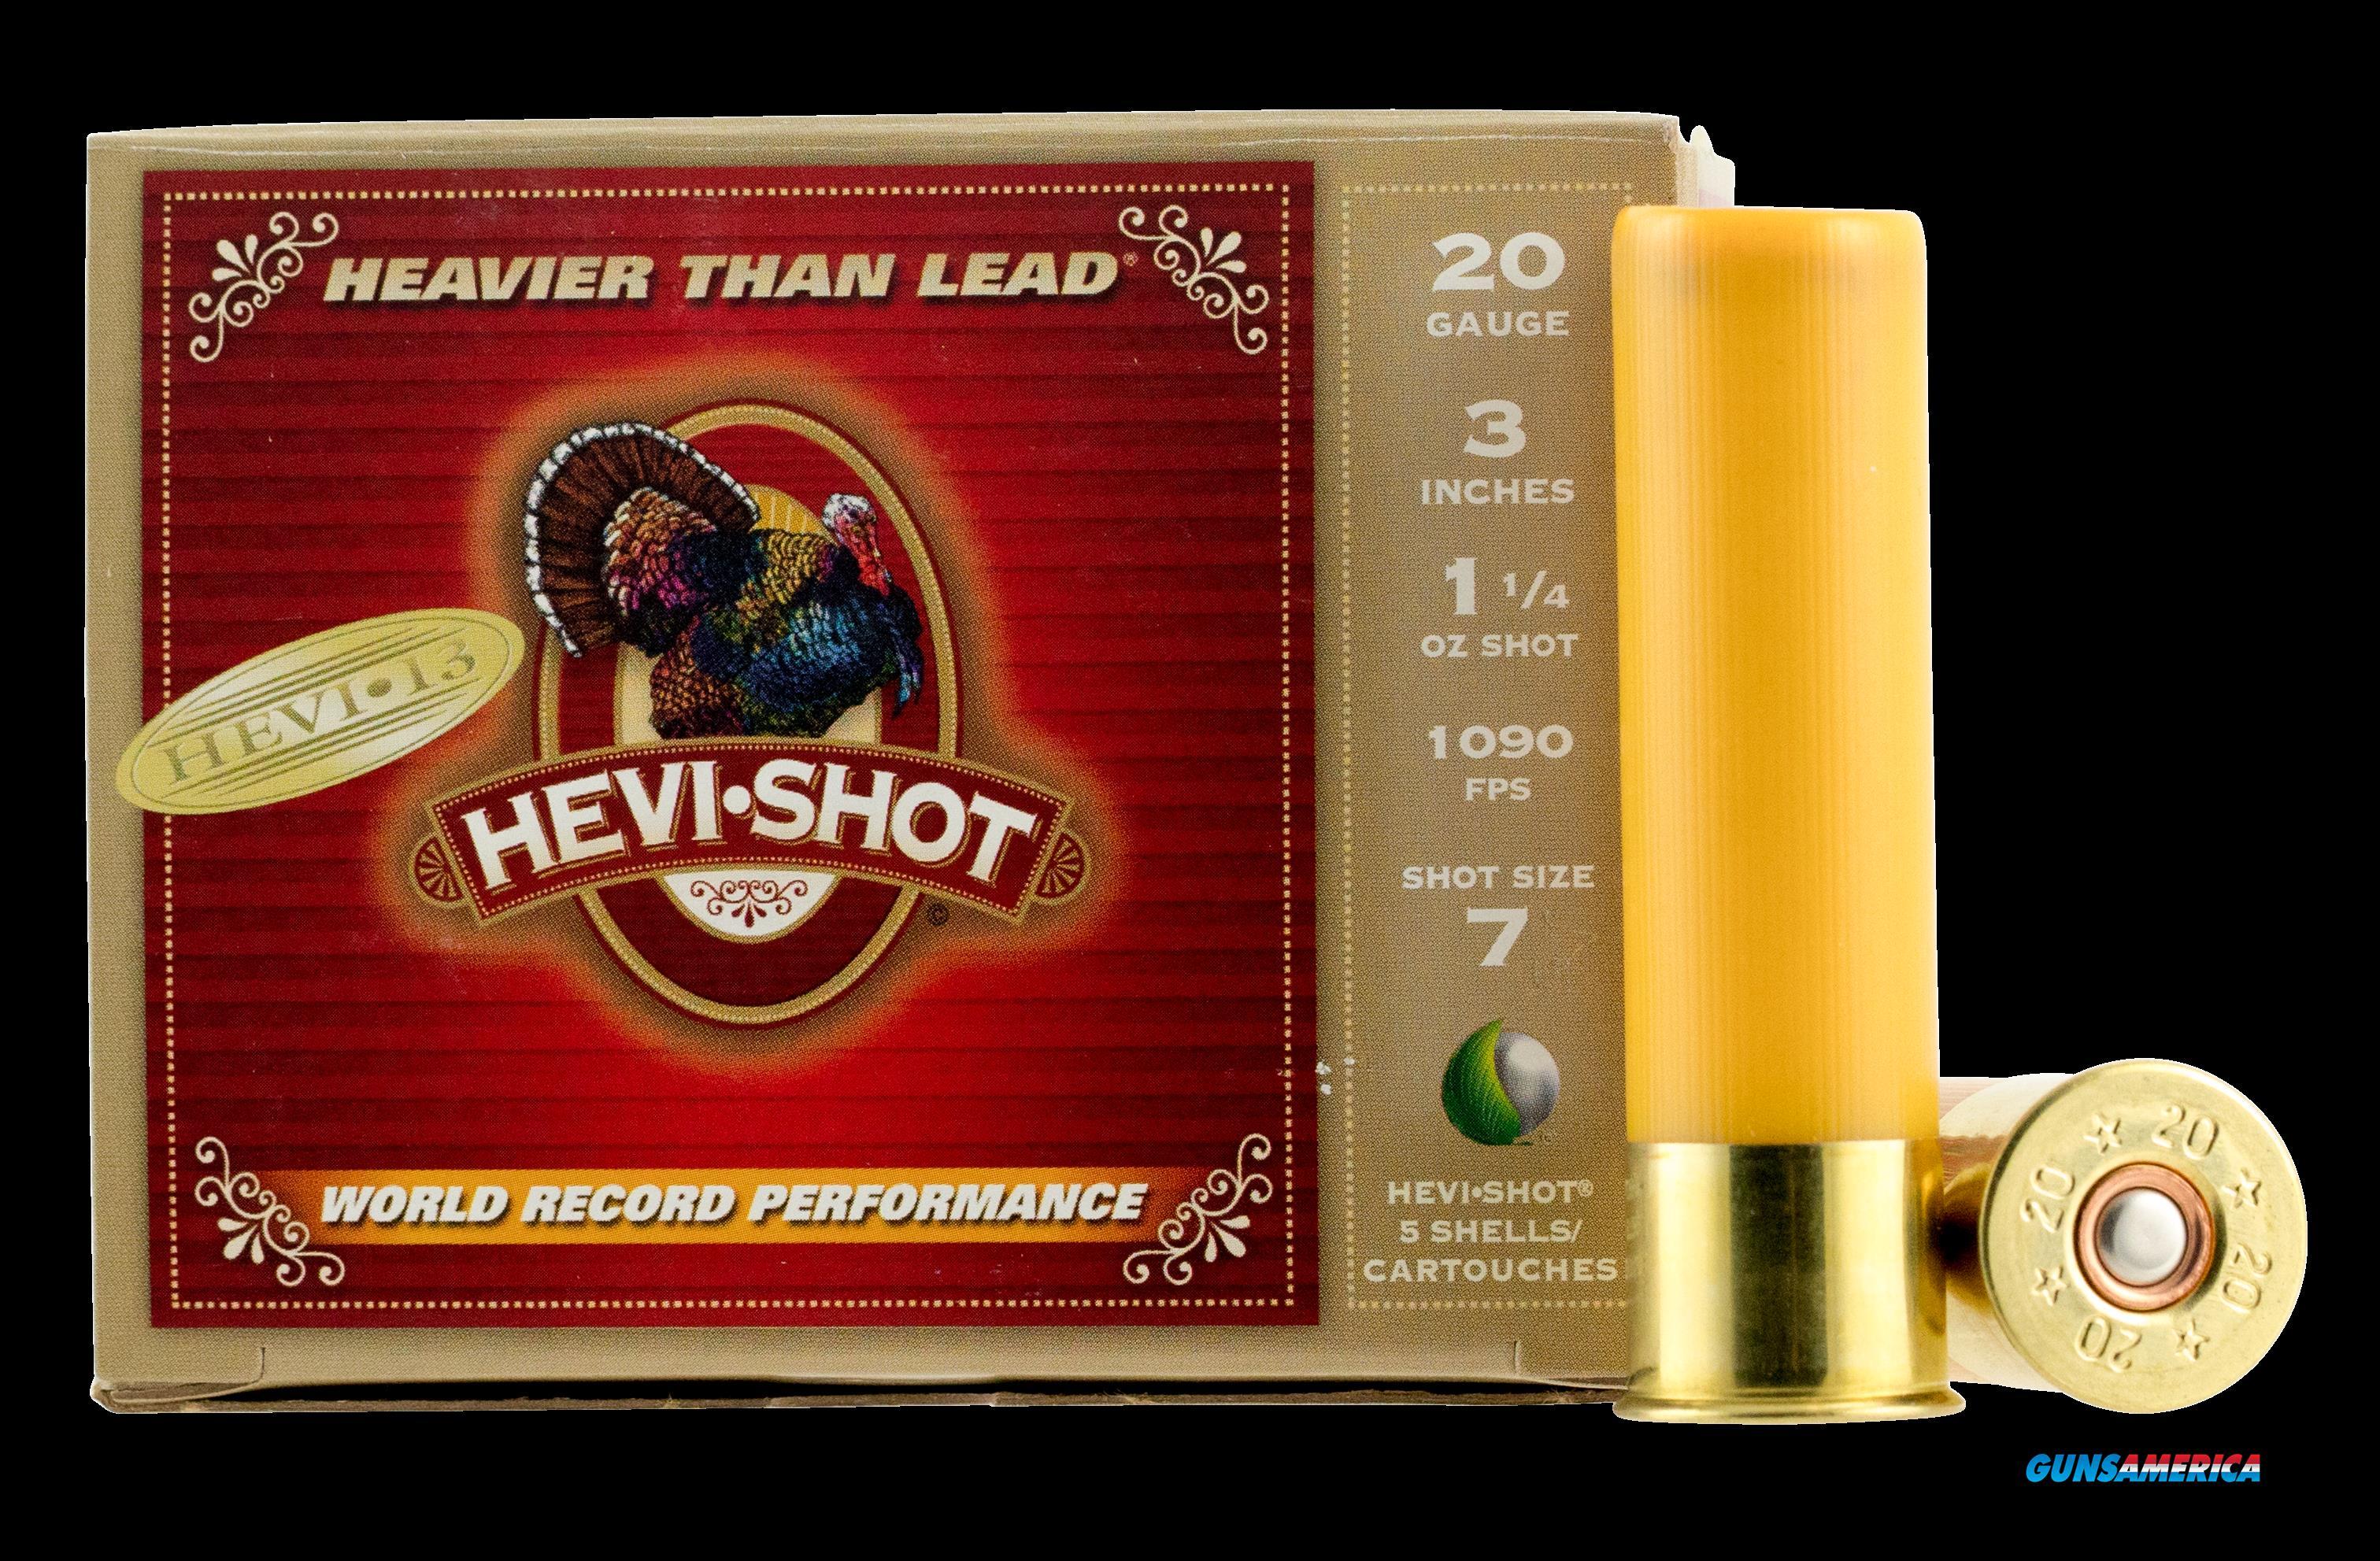 Hevishot Hevi-13, Hevi 00307 Tky Hevi13   20 3   7 11-4 5-10  Guns > Pistols > 1911 Pistol Copies (non-Colt)